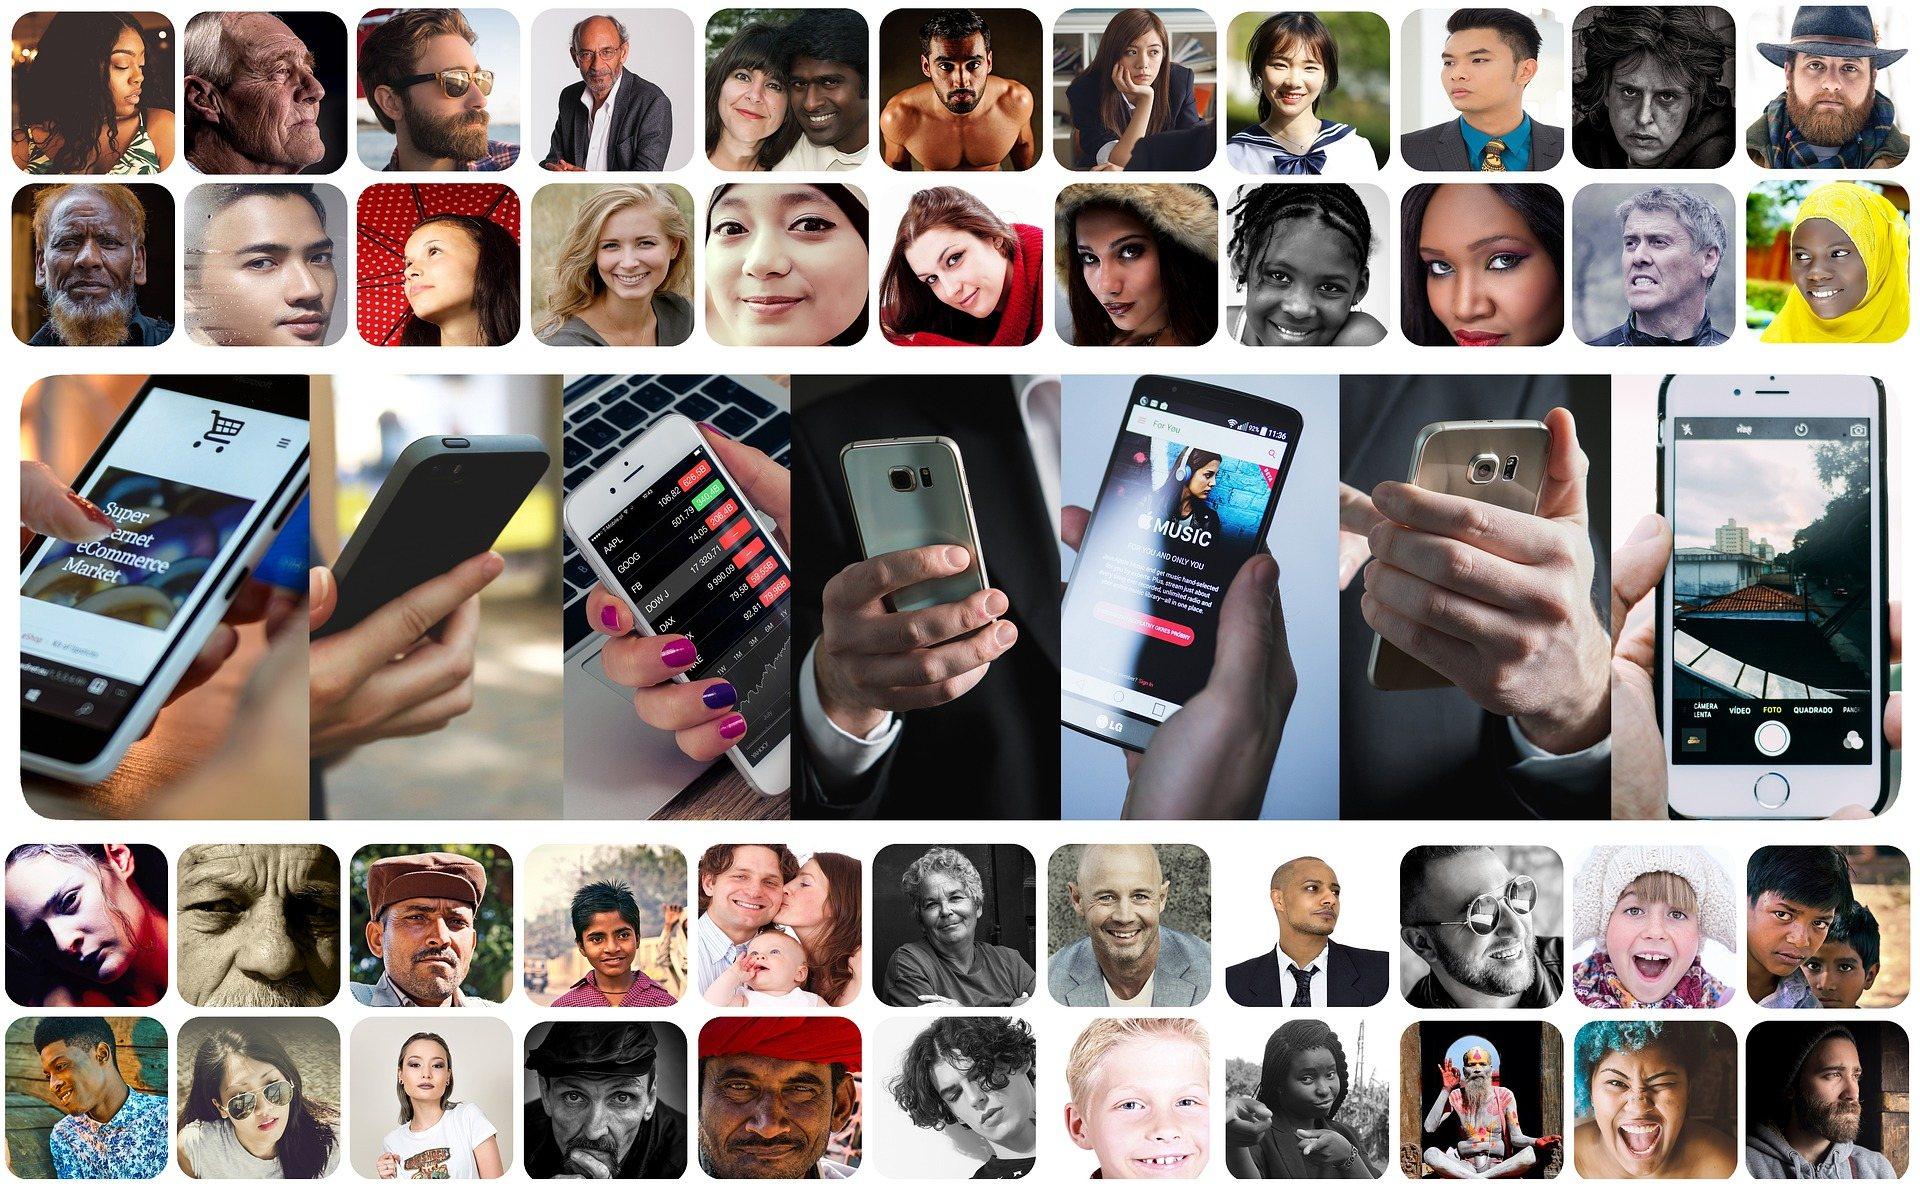 Internetinis įvaizdis – kokį jį kursime?